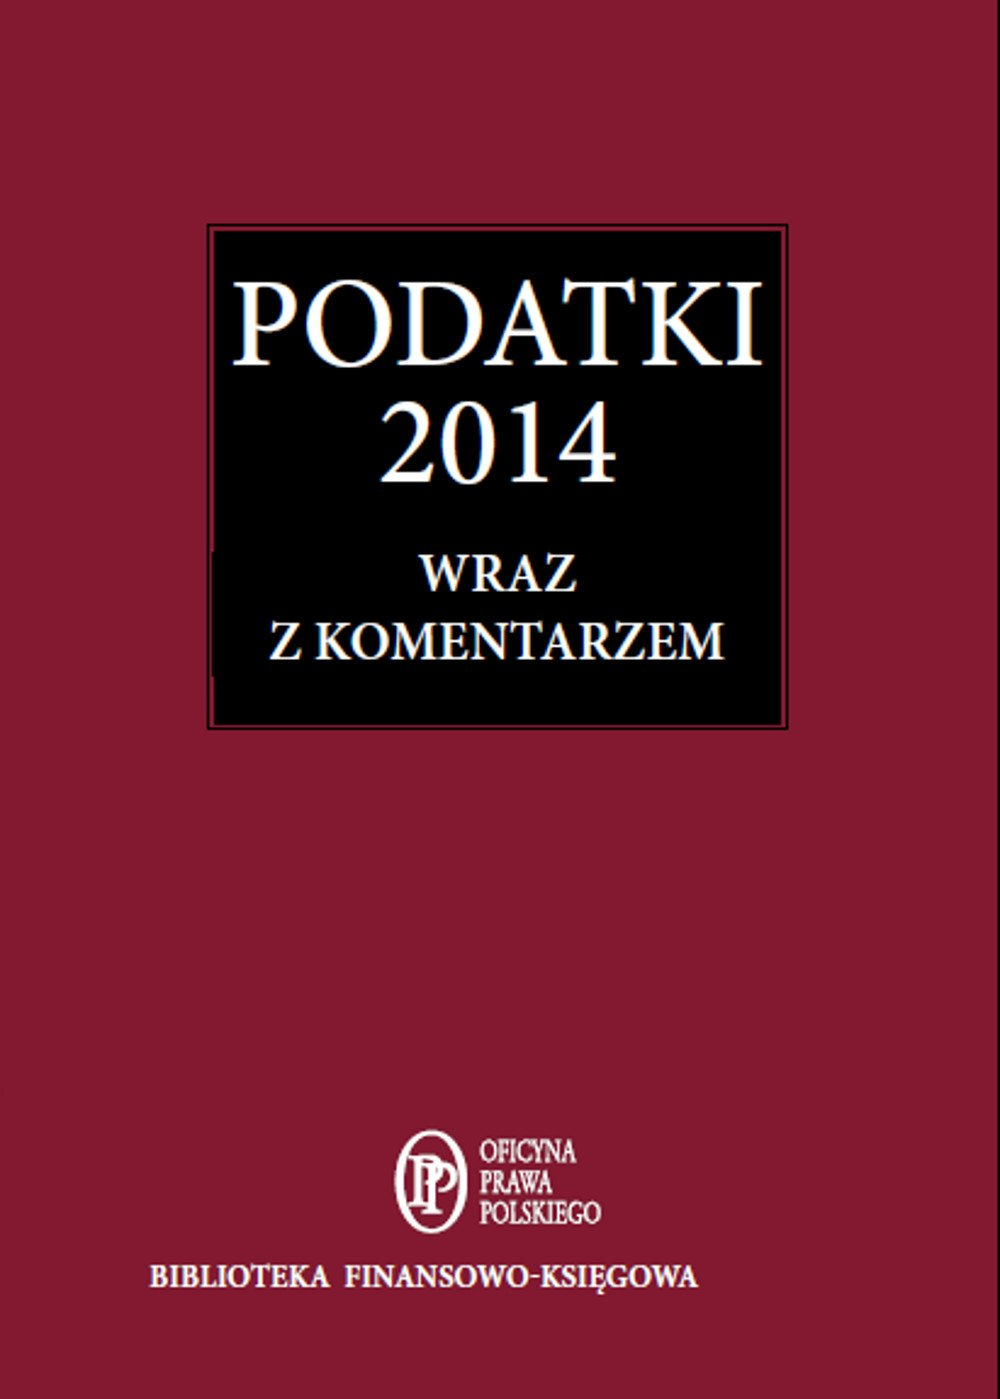 Podatki 2014 wraz z komentarzem - Ebook (Książka EPUB) do pobrania w formacie EPUB